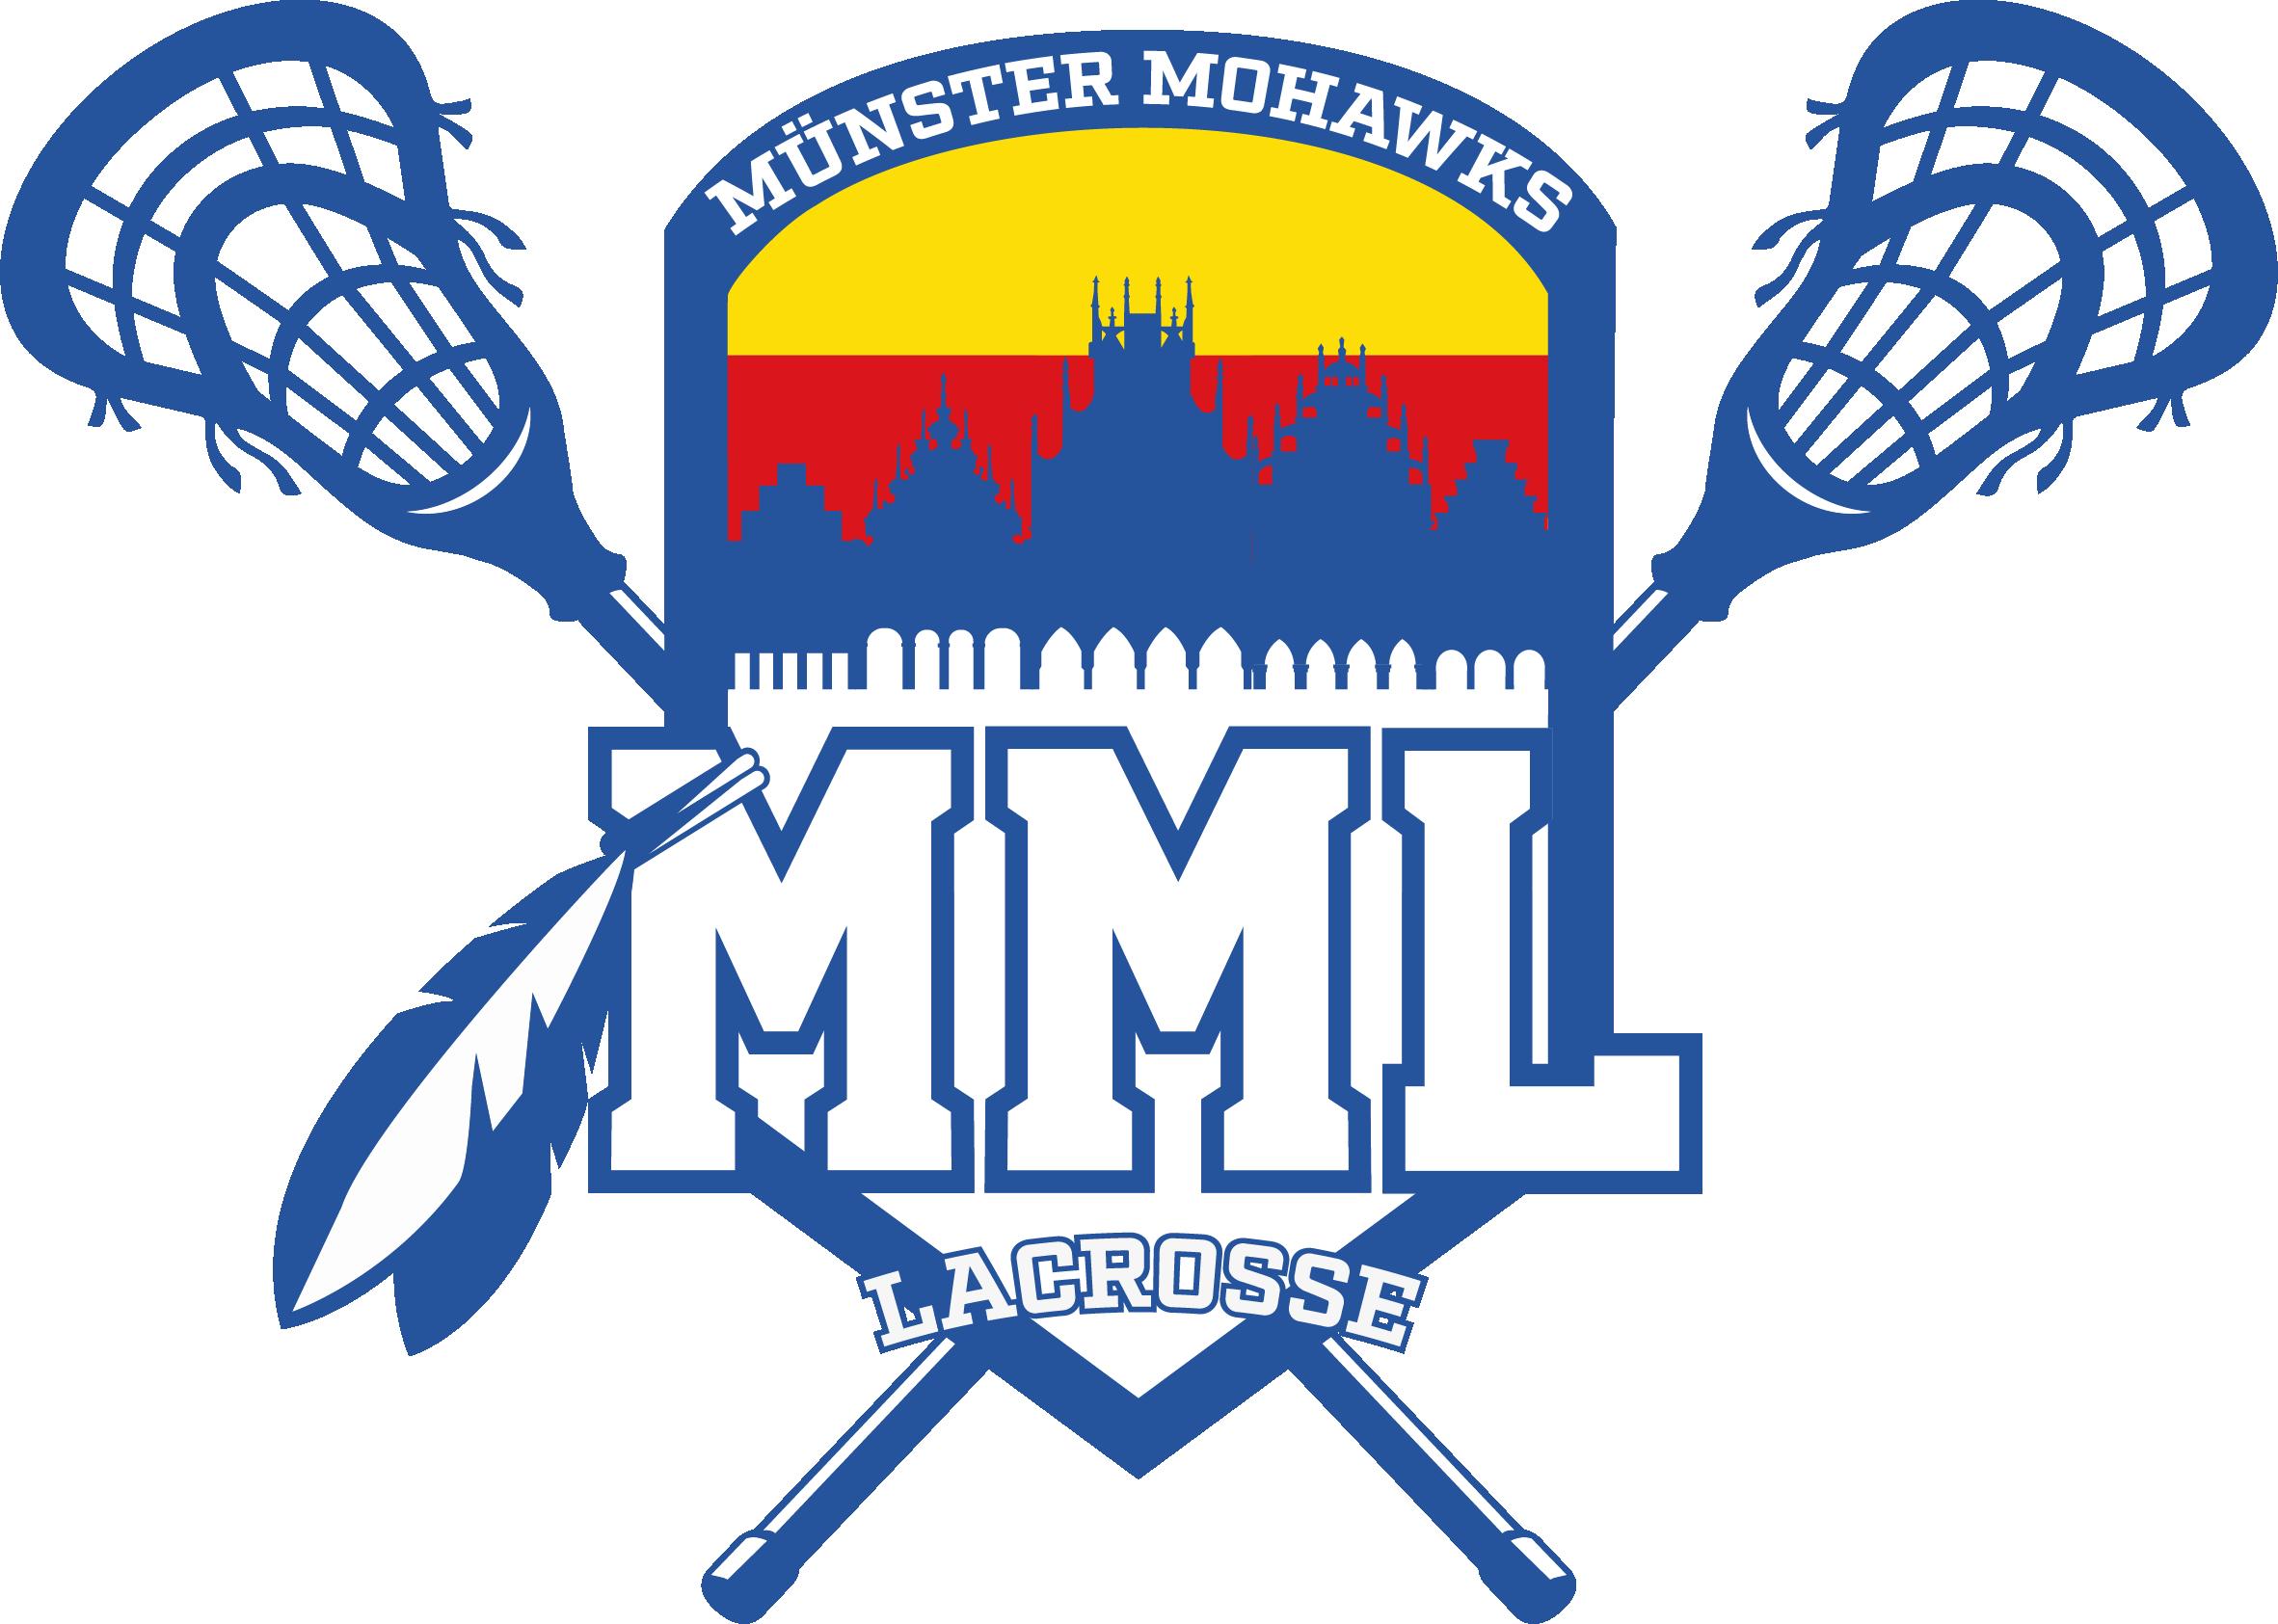 muenster_mohaws_logo